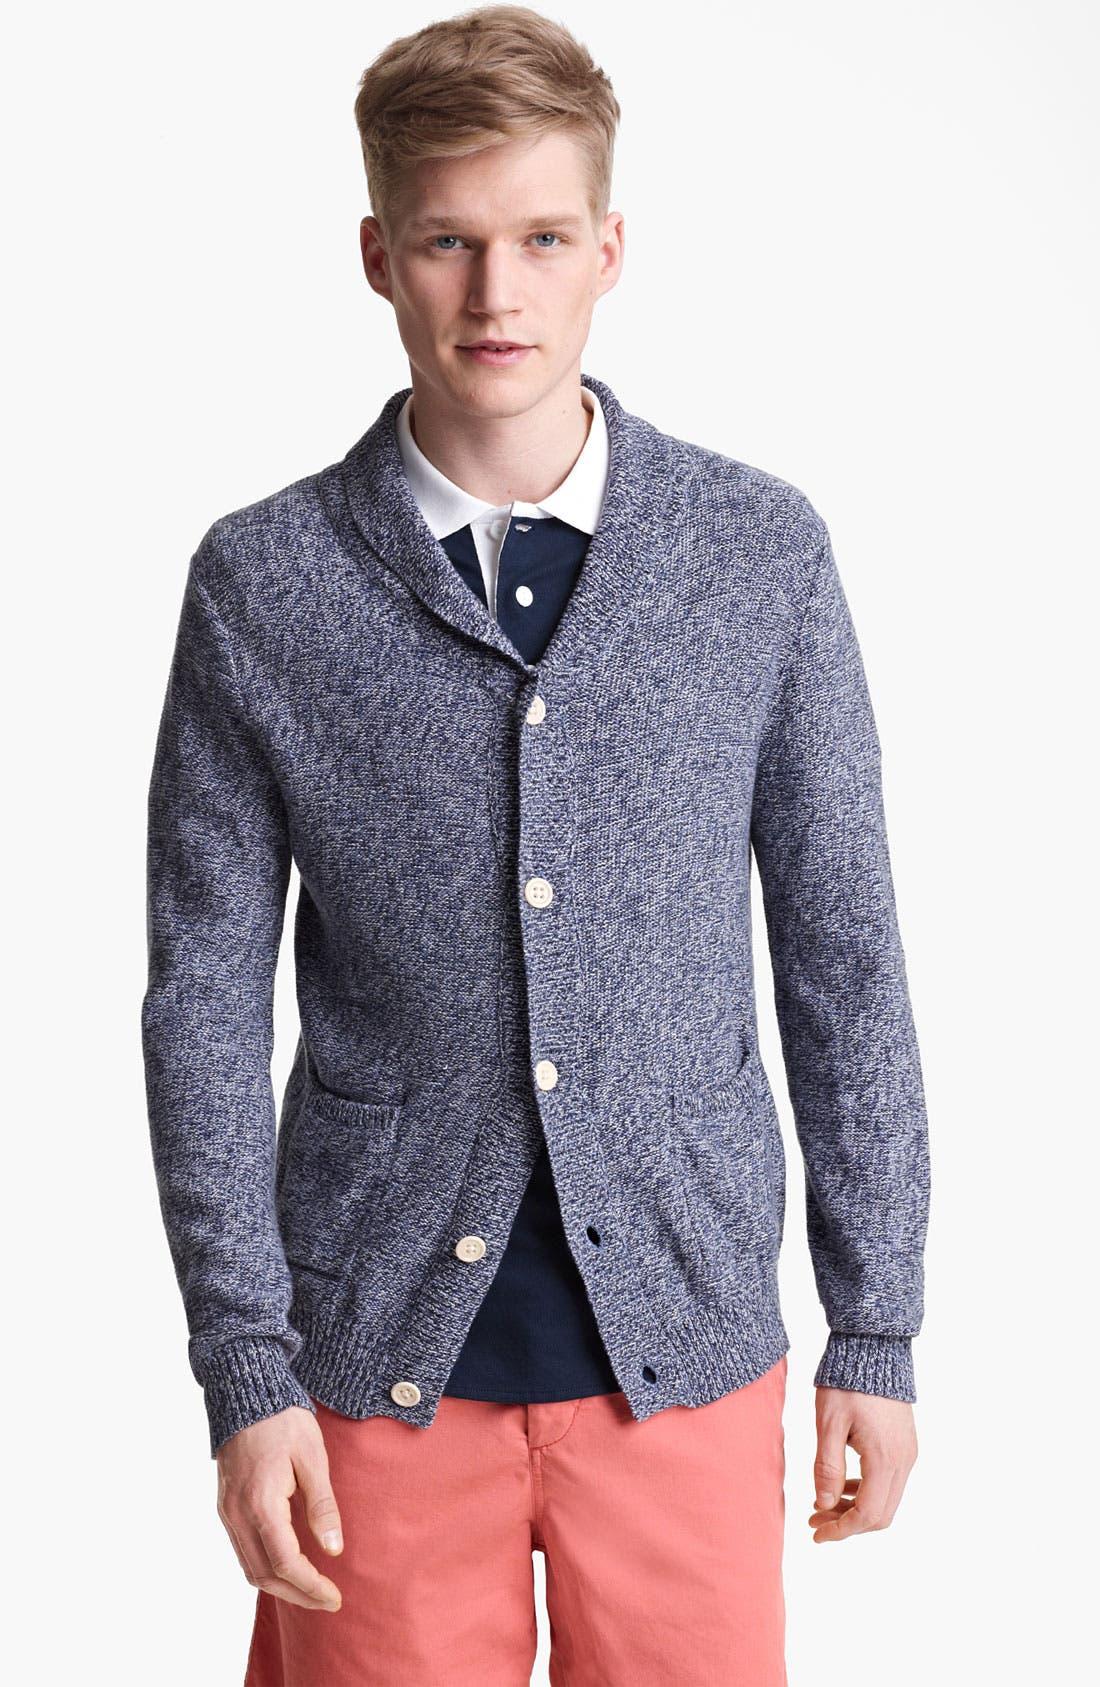 Main Image - Shipley & Halmos 'Ross' Shawl Collar Cardigan